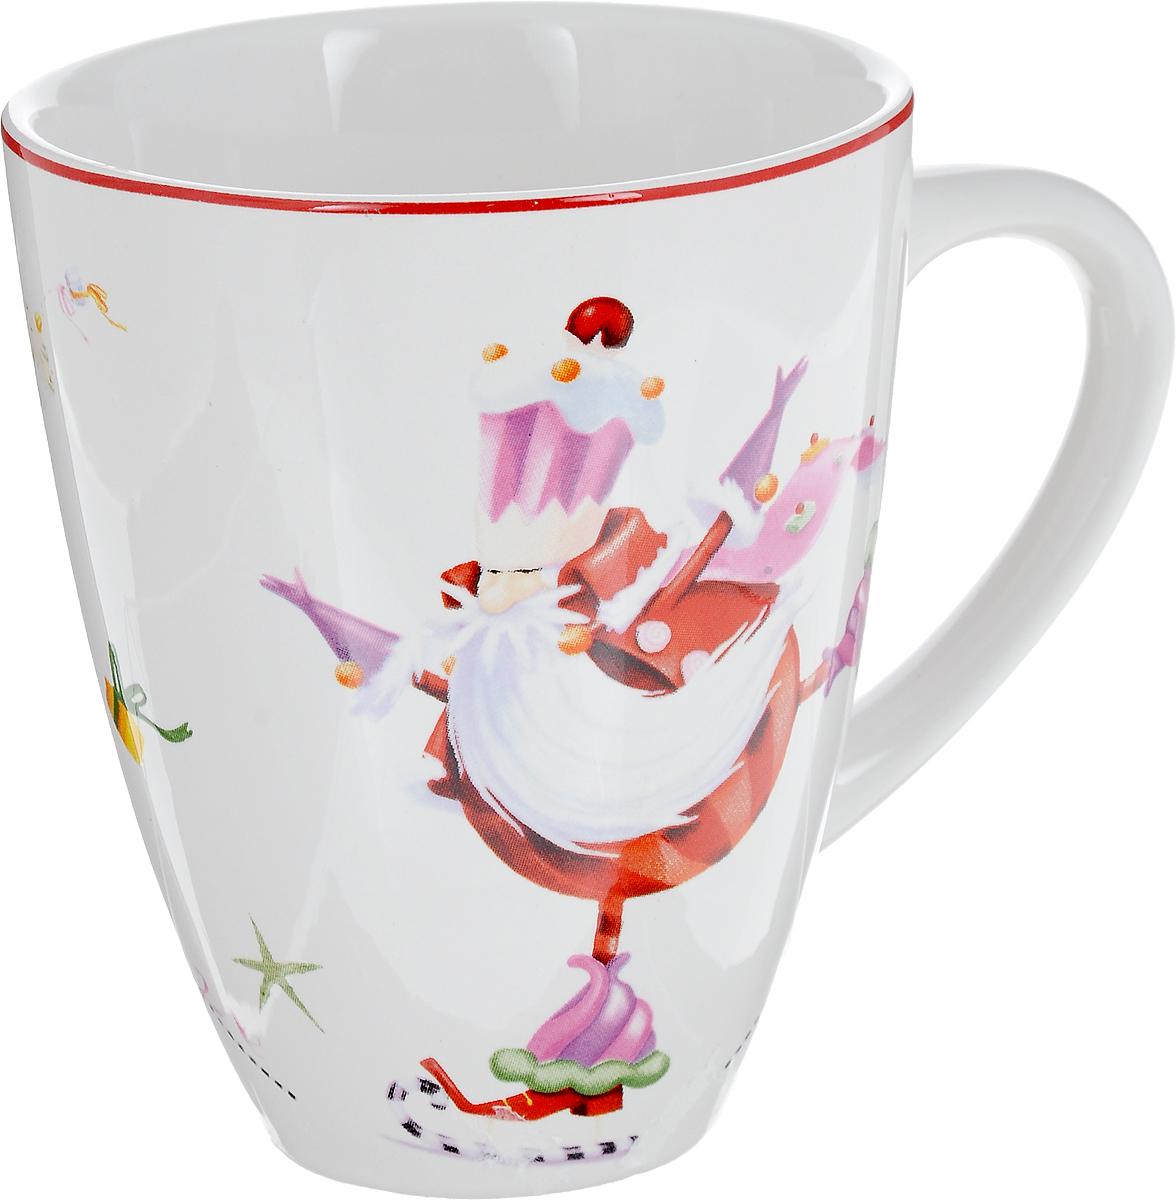 Кружка Azulejo Espanol Merry Santa, 300 мл737830 2241Кружка Azulejo Espanol Merry Santa изготовлена из качественной глазурованной керамики. Внешние стенки изделия декорированы красивыми новогодними рисунками. Такая кружка согреет вас горячим напитком и станет неизменным атрибутом чаепития.Не рекомендуется использовать в микроволновой печи и мыть в посудомоечной машине.